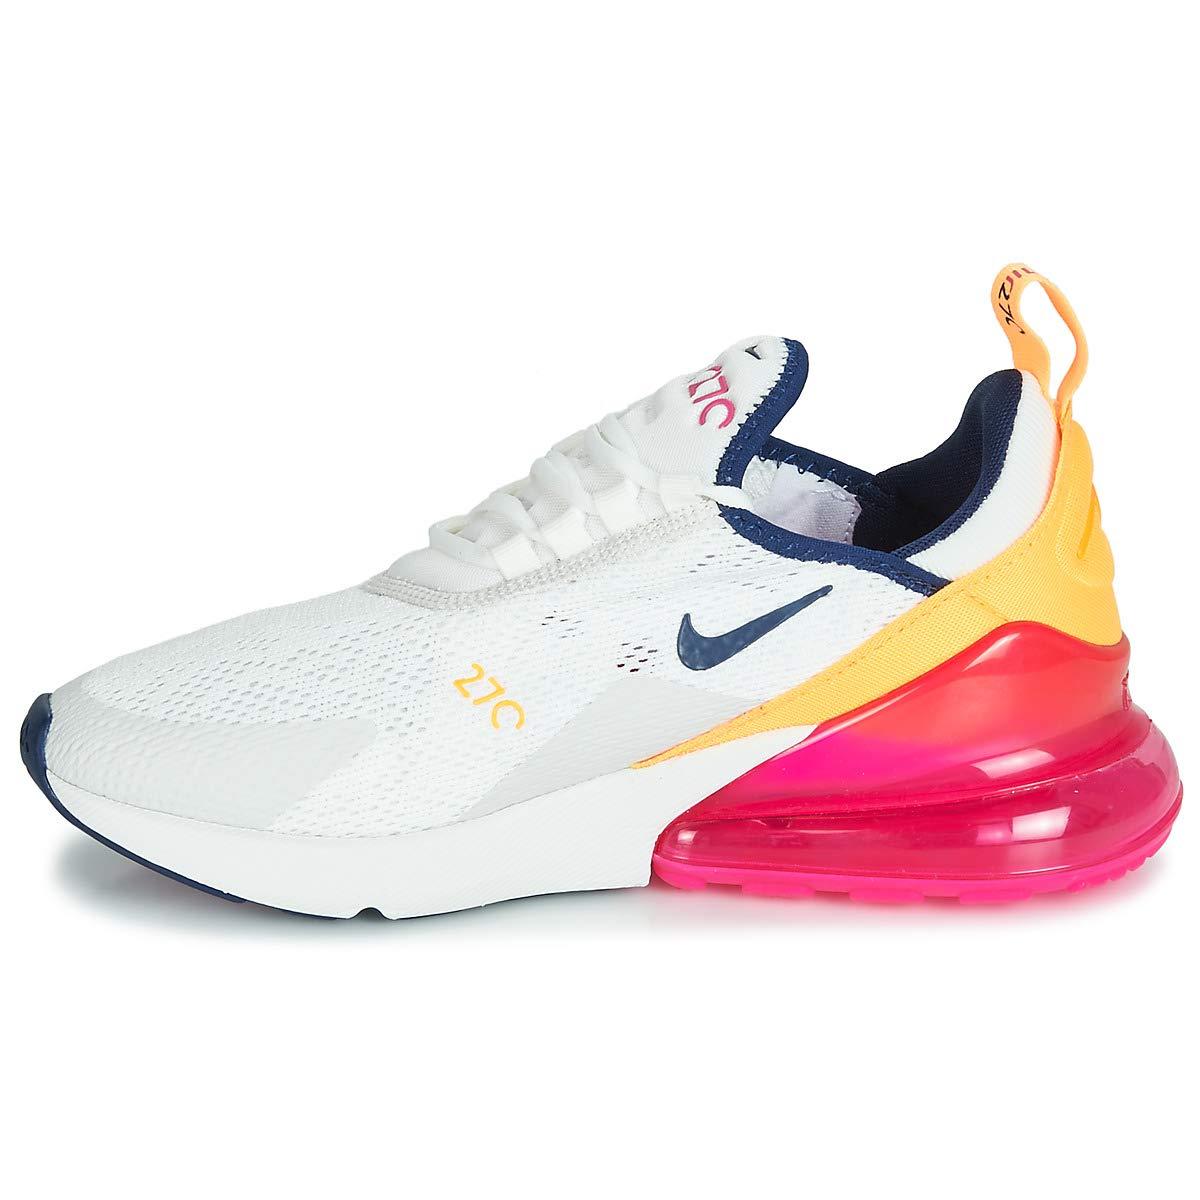 Nike W W W Air Max 270 scarpe da ginnastica Bianco Arancio rosa AH6789-106 (41 - Bianco) 953c54